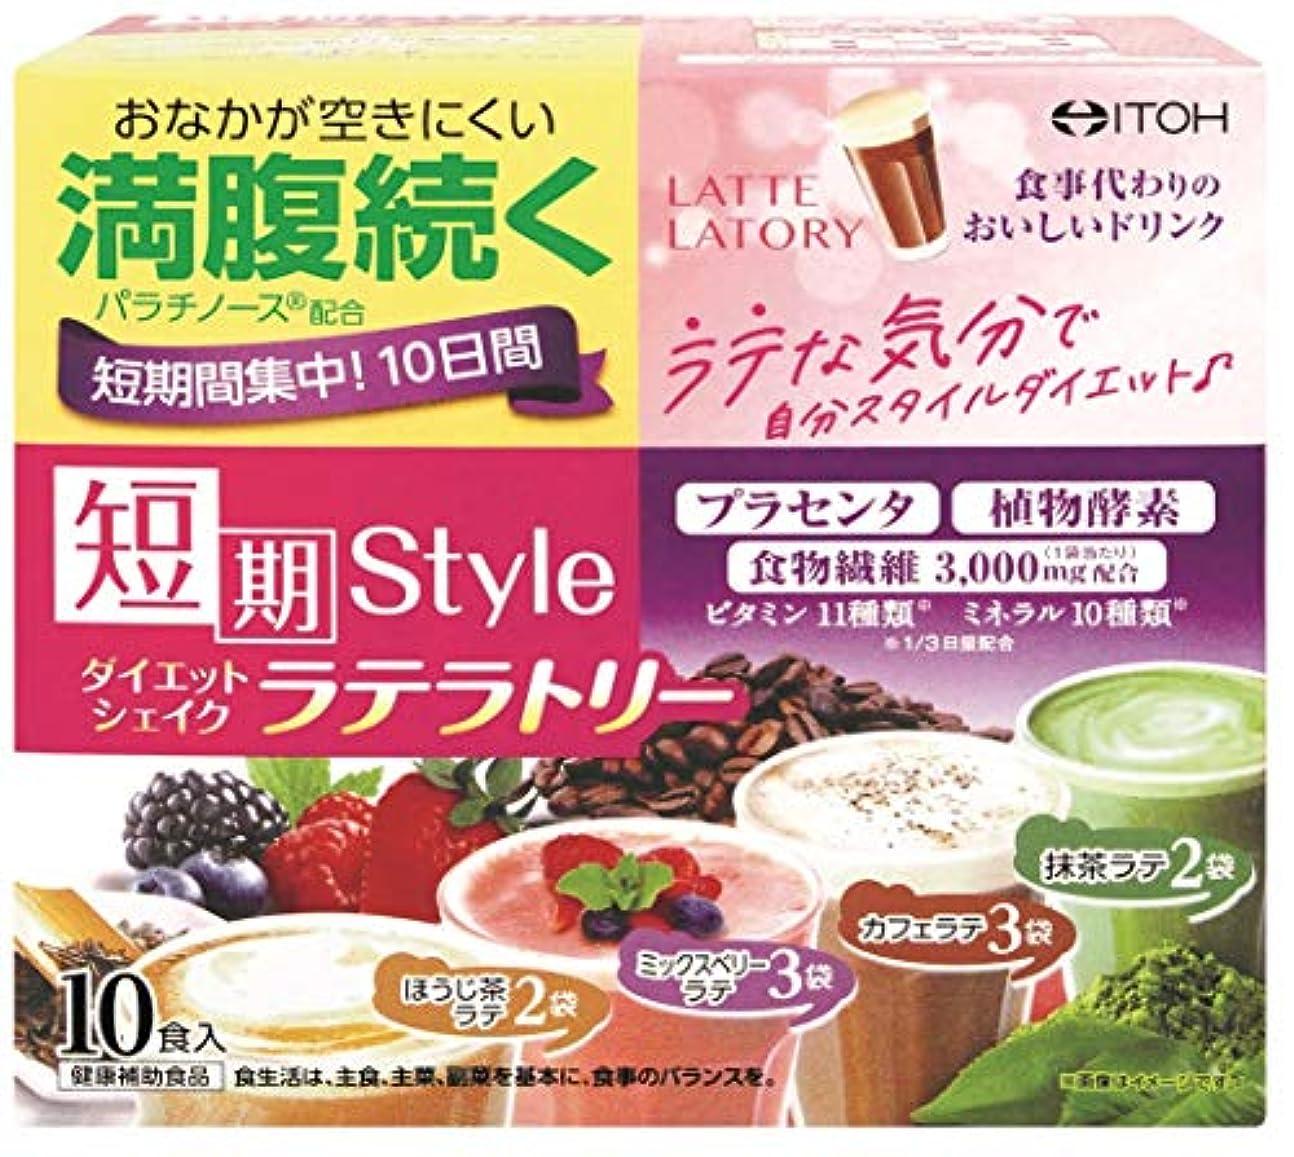 避ける脱走それにもかかわらず井藤漢方製薬 短期スタイルダイエットシェイク ラテラトリー 10食分 25g×10袋